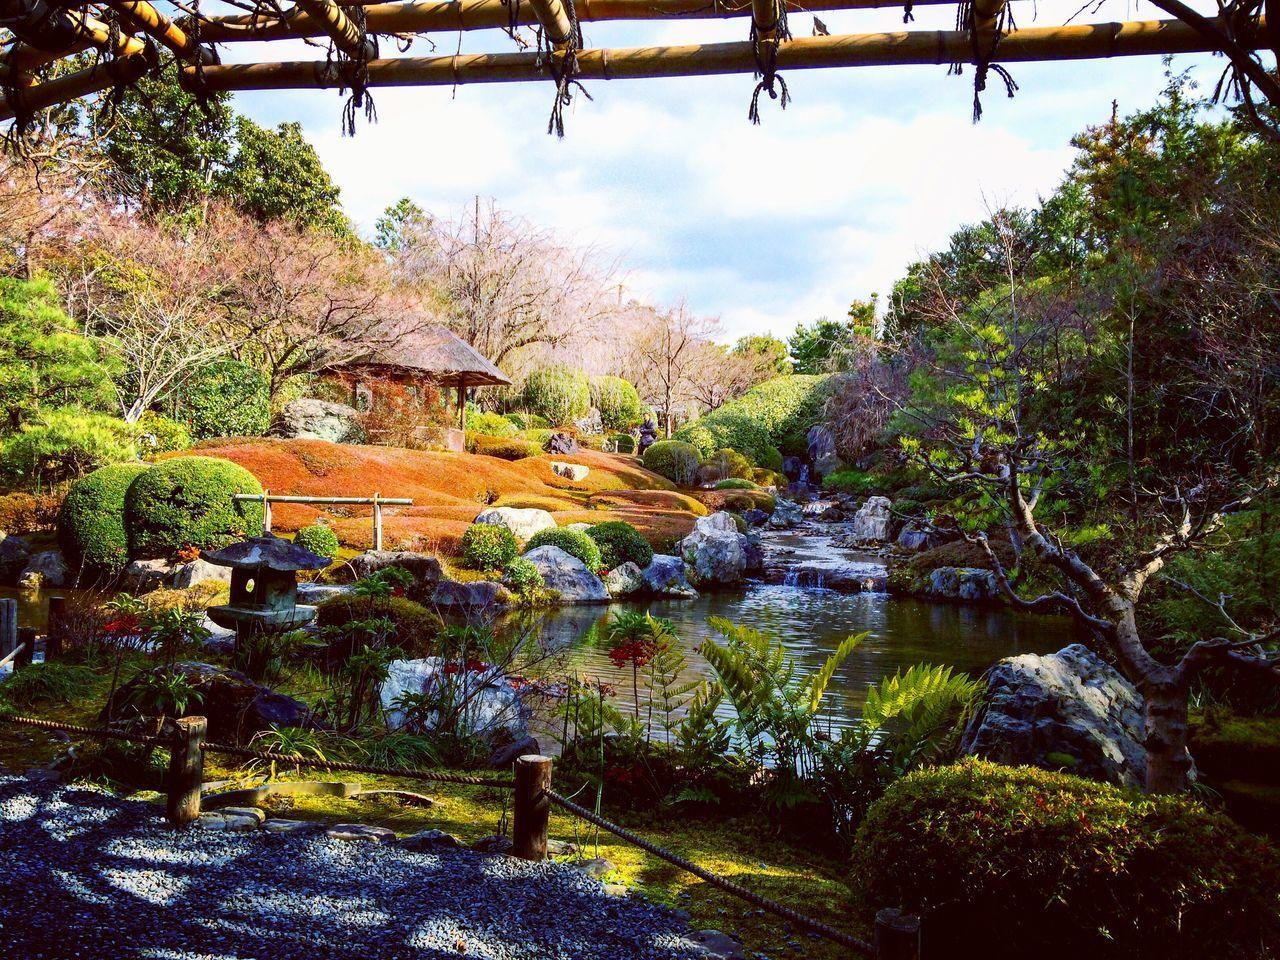 妙心寺 退蔵院 余香苑 Relaxing Kyoto 京都 庭園 寺社仏閣